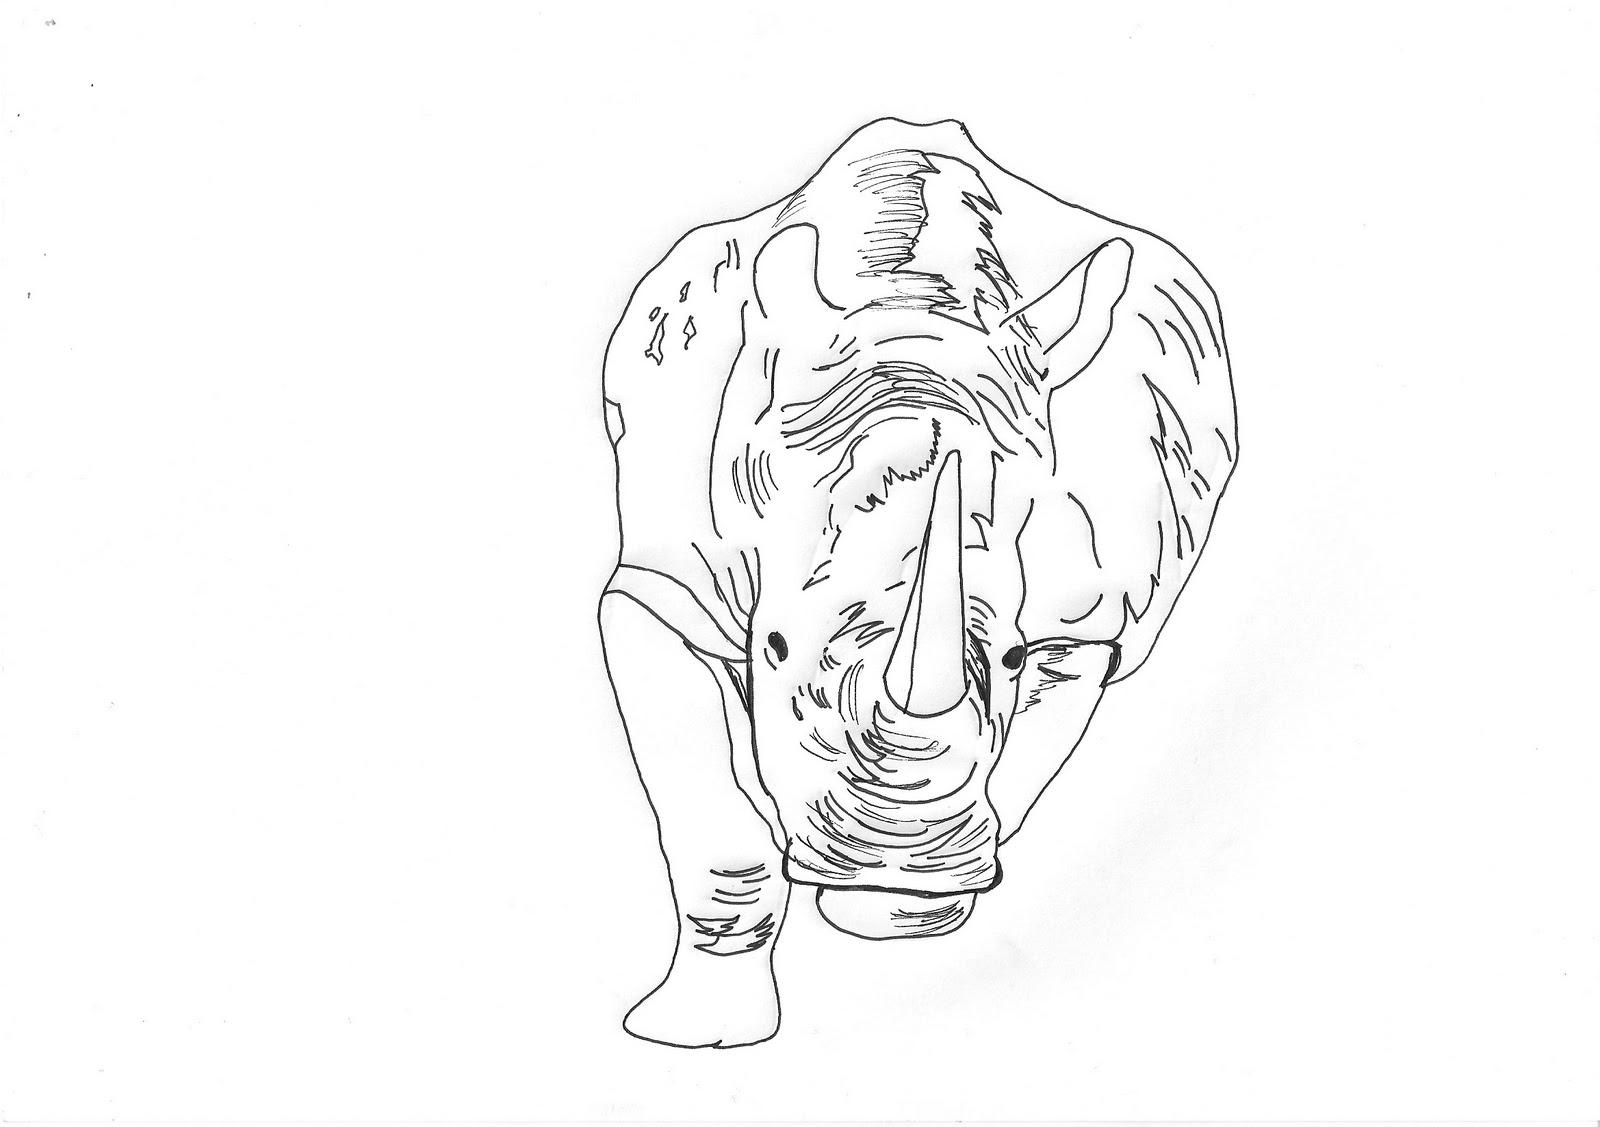 James Brown Silhouette At Getdrawings